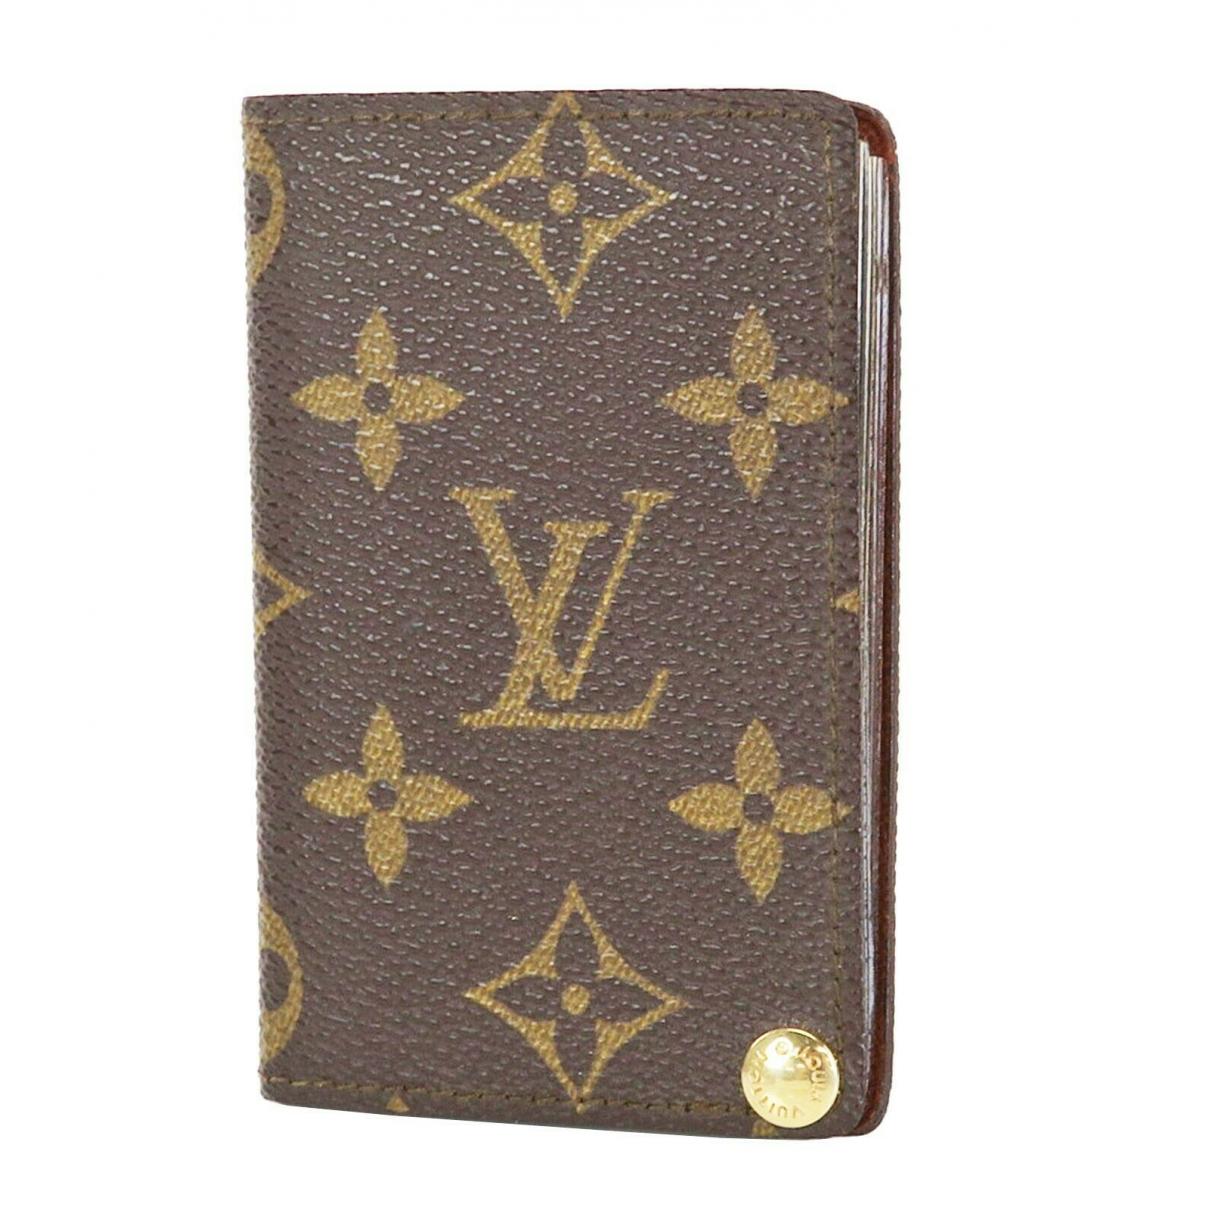 Louis Vuitton \N Kleinlederwaren in Leder